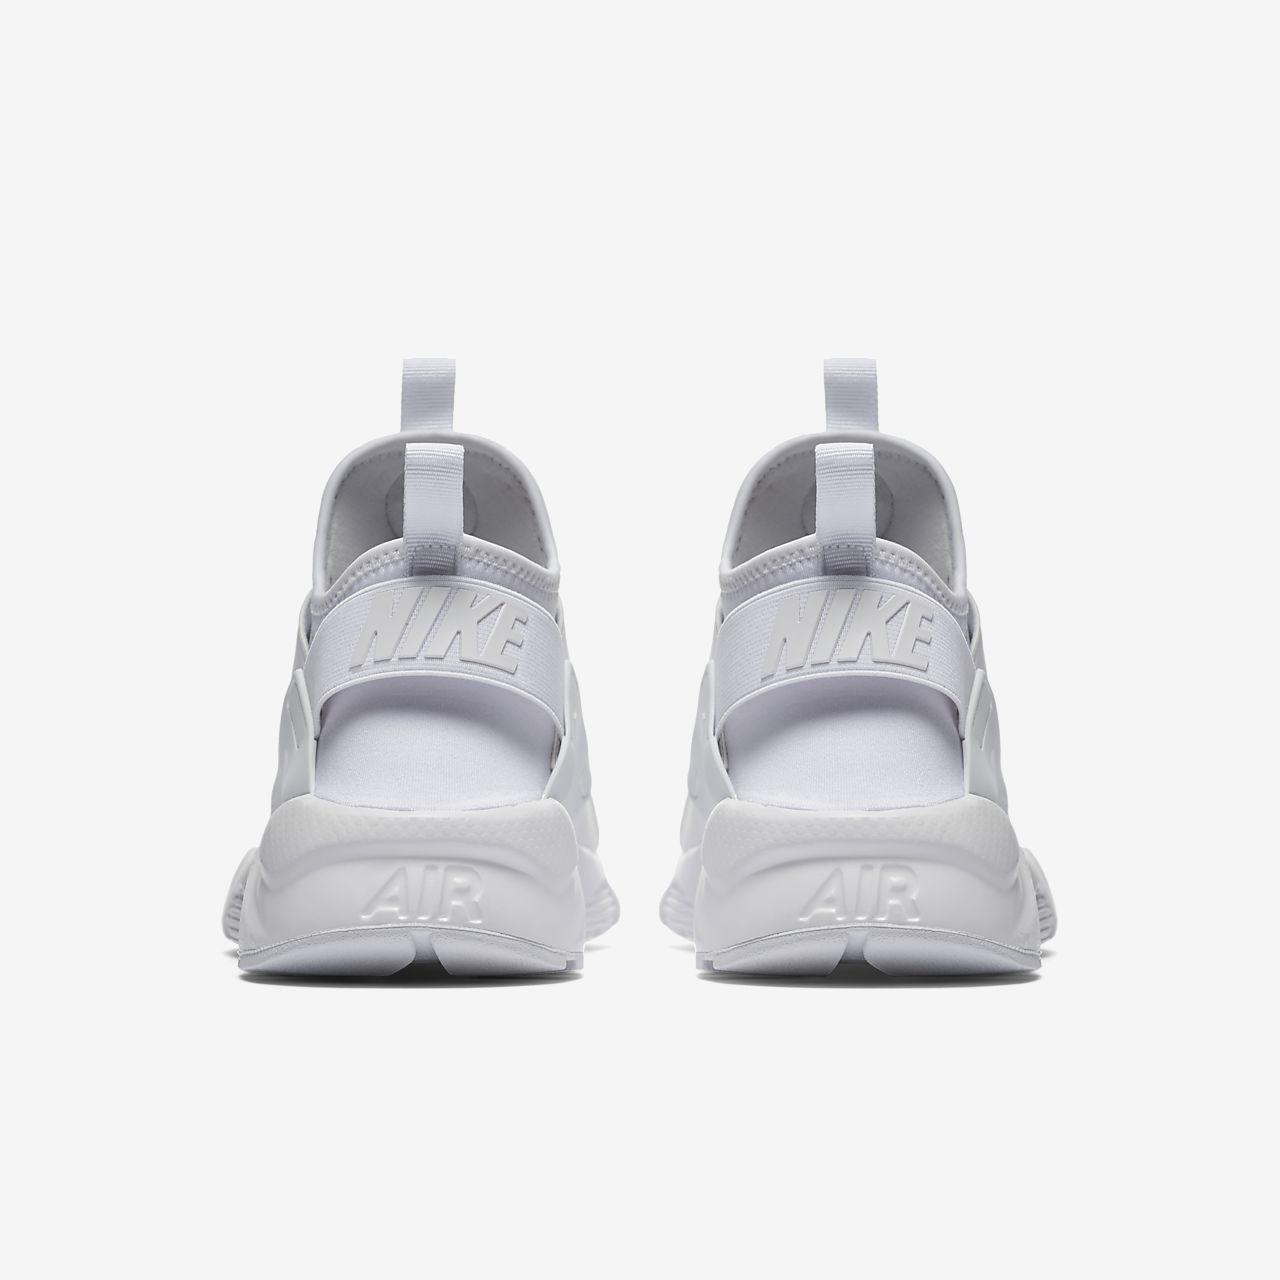 scarpa nike air huarache ultra biancobiancobianco 819685 101